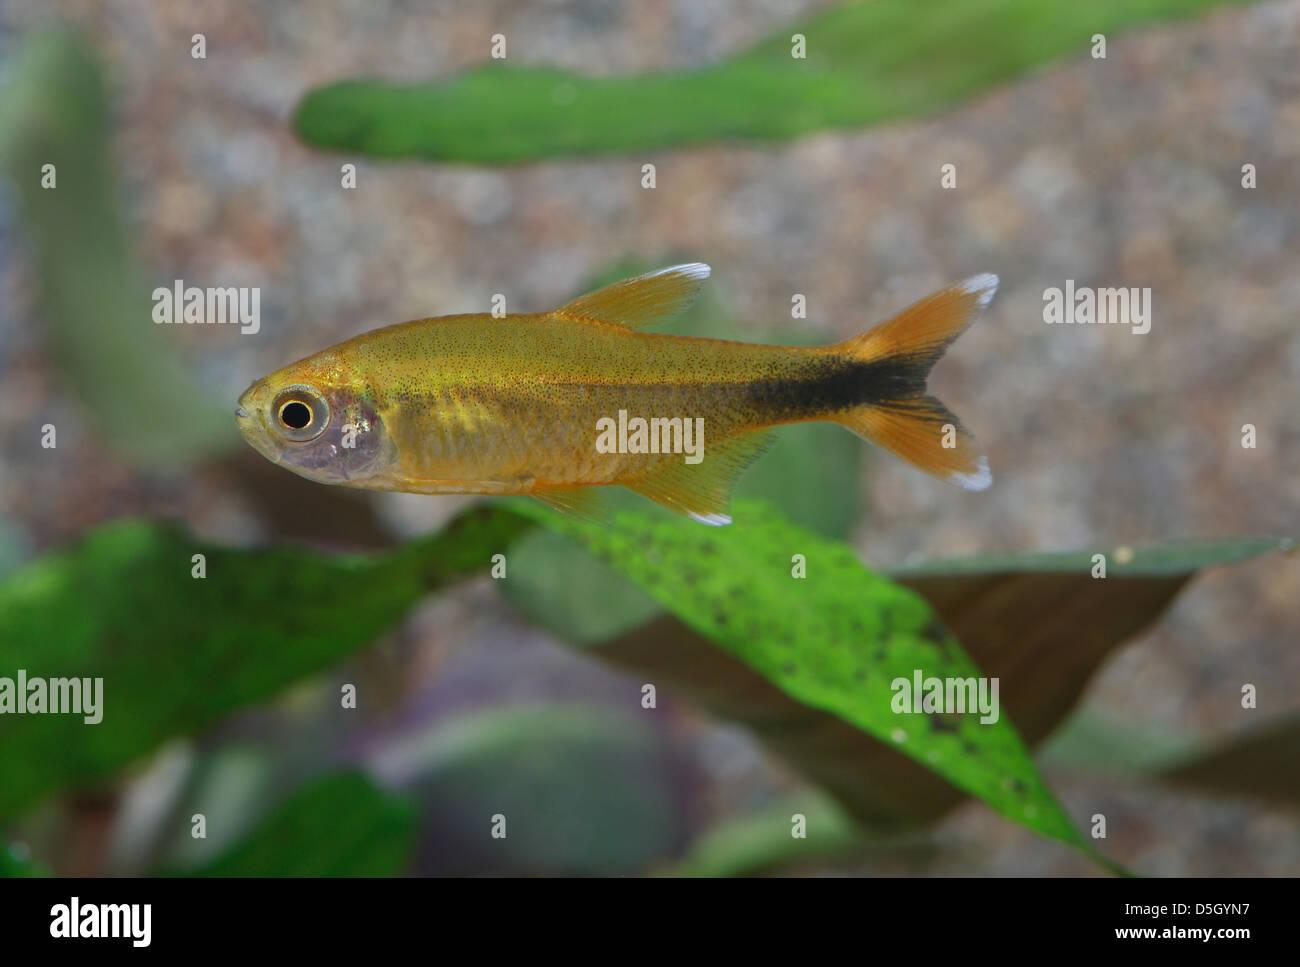 Silvertip Tetra in aquarium - Stock Image